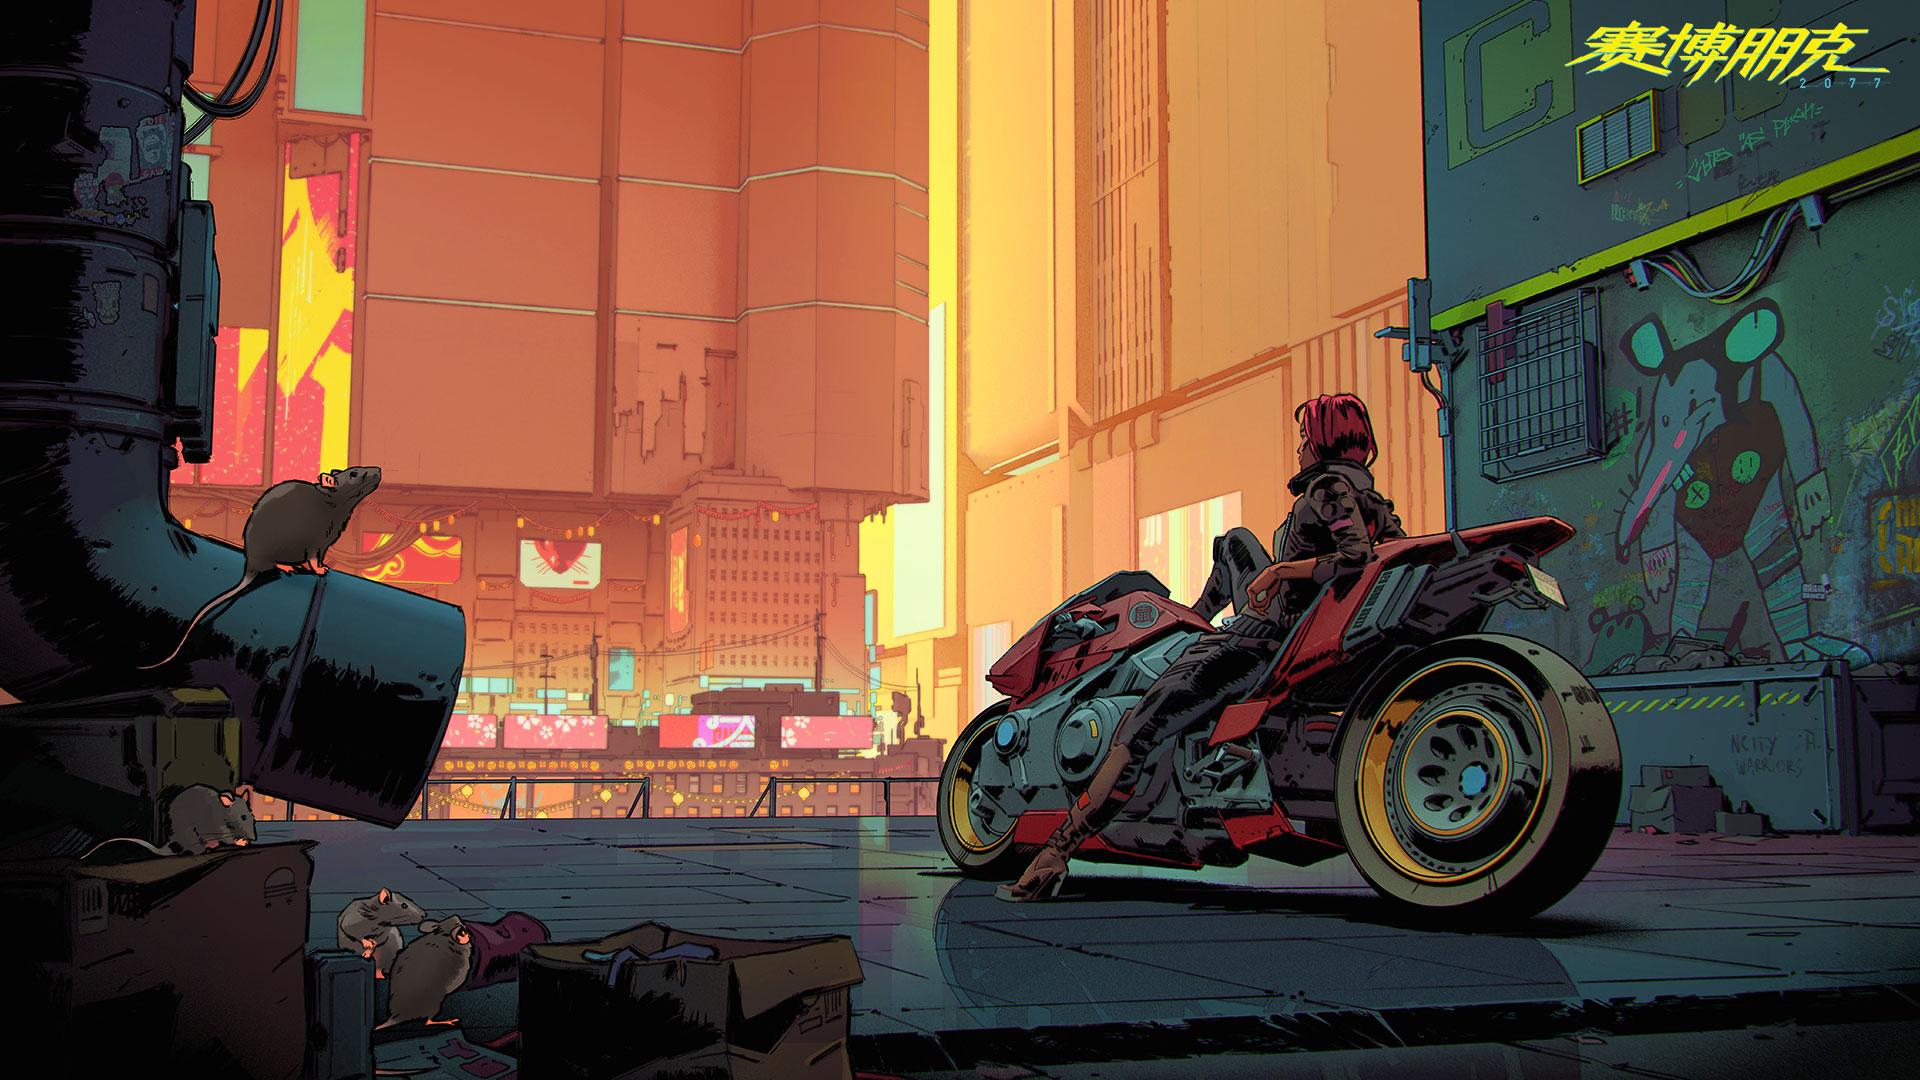 《赛博朋克2077》游戏壁纸欣赏